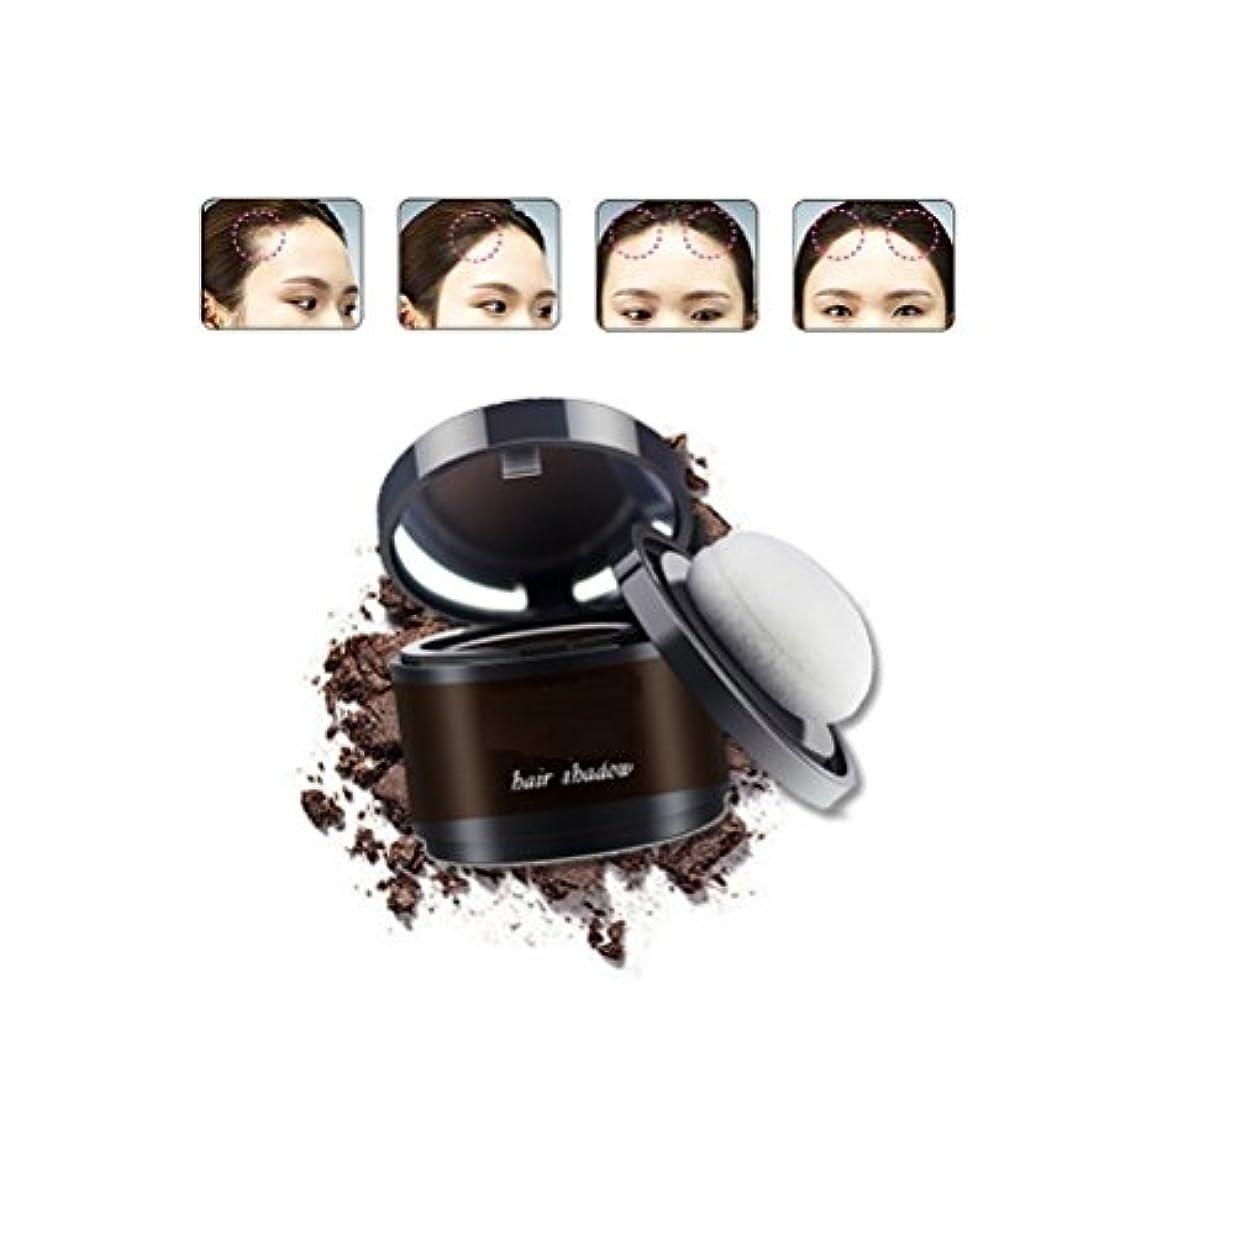 手当ではごきげんよう負担MakeupAcc ヘアラインシャドーパウダー 髪パウダー 防水 汗防ぐ 髪の生え際糸調整 白髪をカバー 4色オプション (ニンジン色) [並行輸入品]